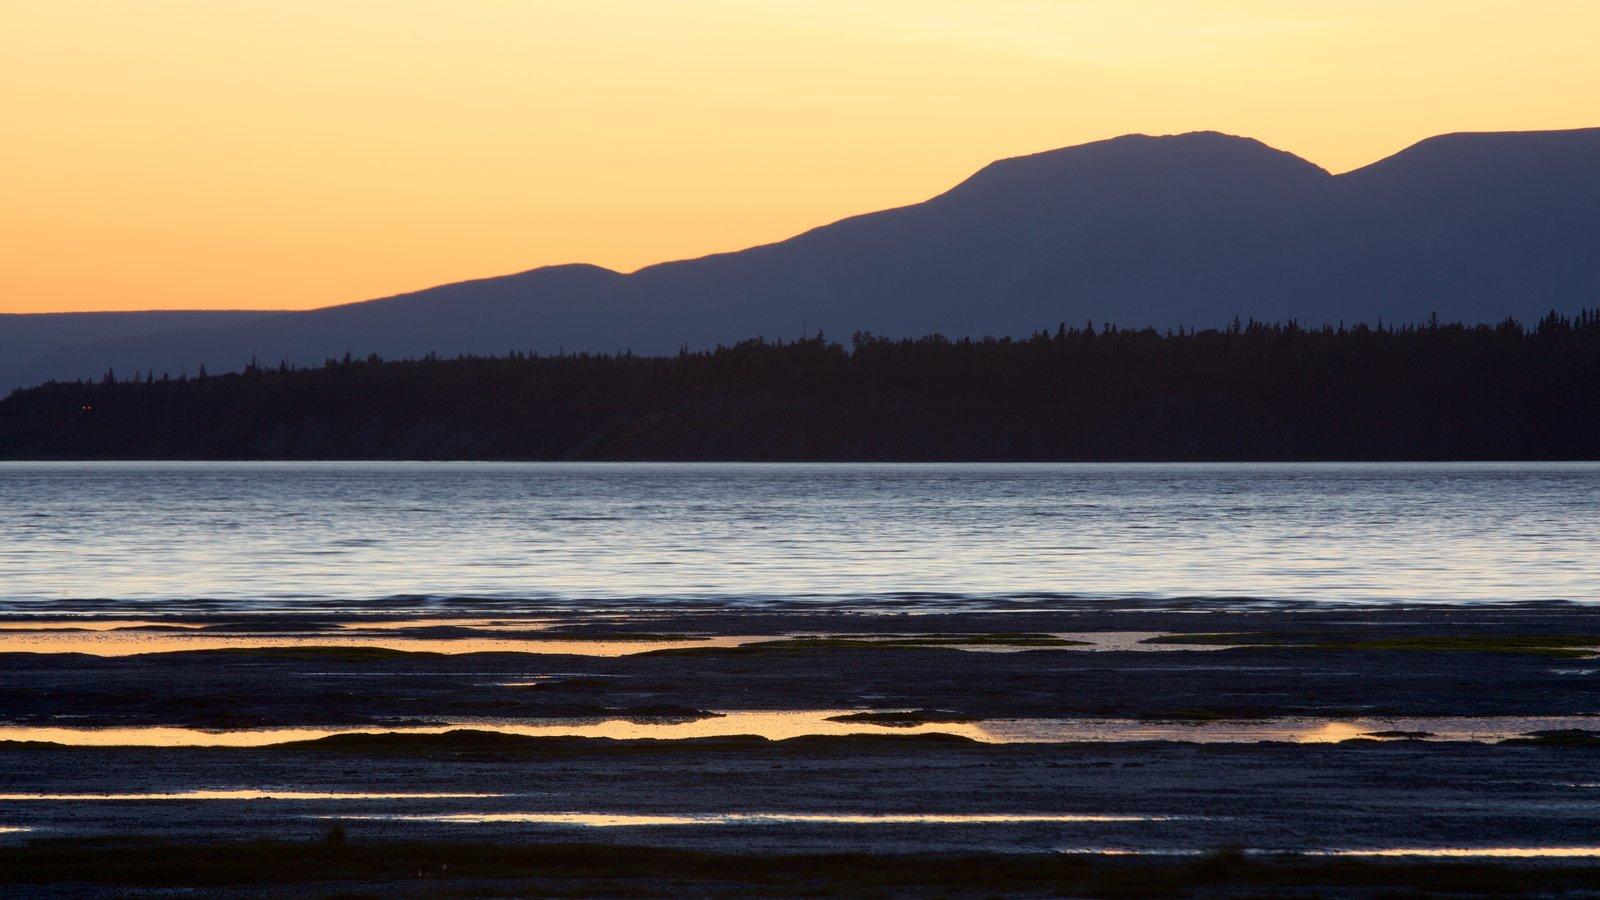 Anchorage que incluye una puesta de sol, vistas generales de la costa y montañas